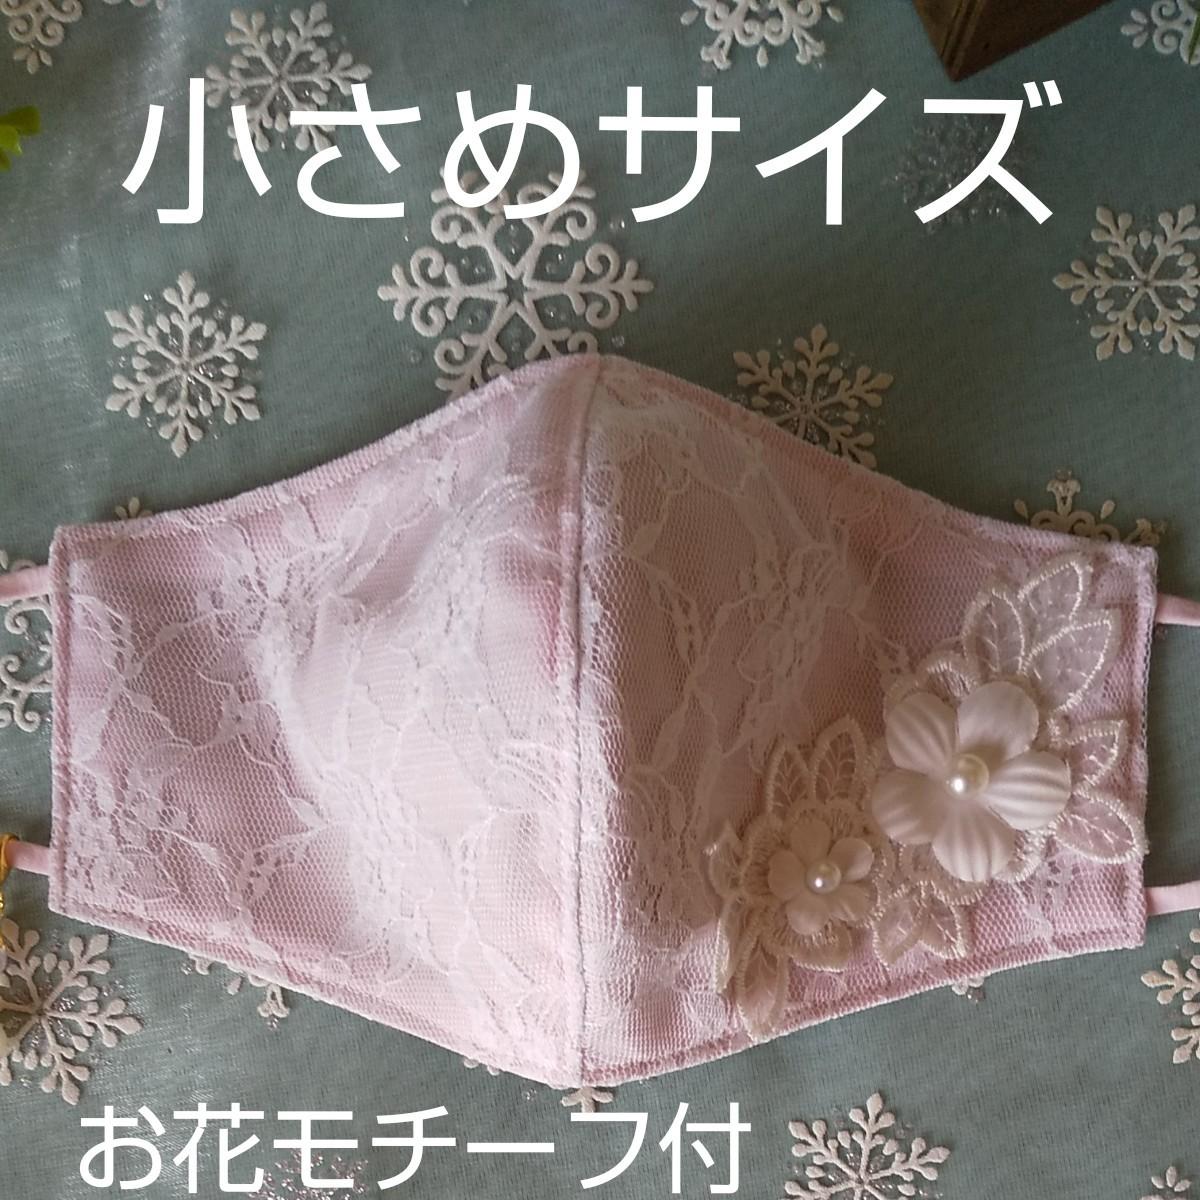 立体インナーハンドメイド、綿ガーゼ、ラッセンレース(立体花柄モチーフ付)白色×ピンク(小さめサイズ)アジャスター付、チャーム付